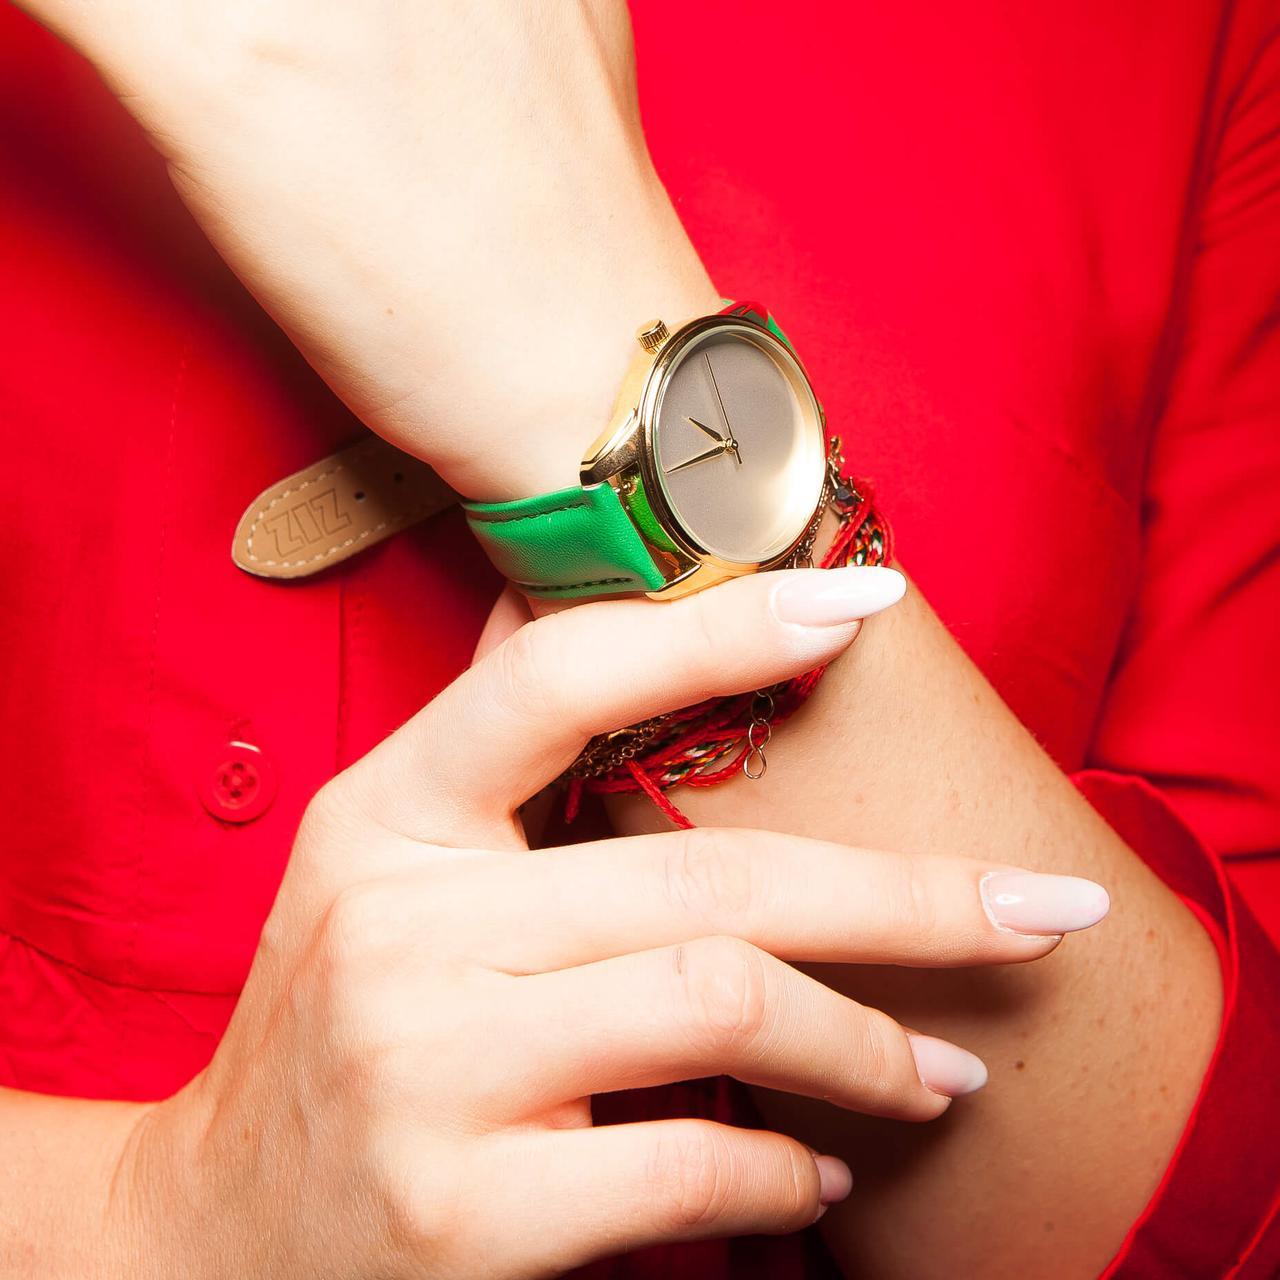 Часы ZIZ Минимализм (ремешок изумрудно - зеленый, золото) + дополнительный ремешок